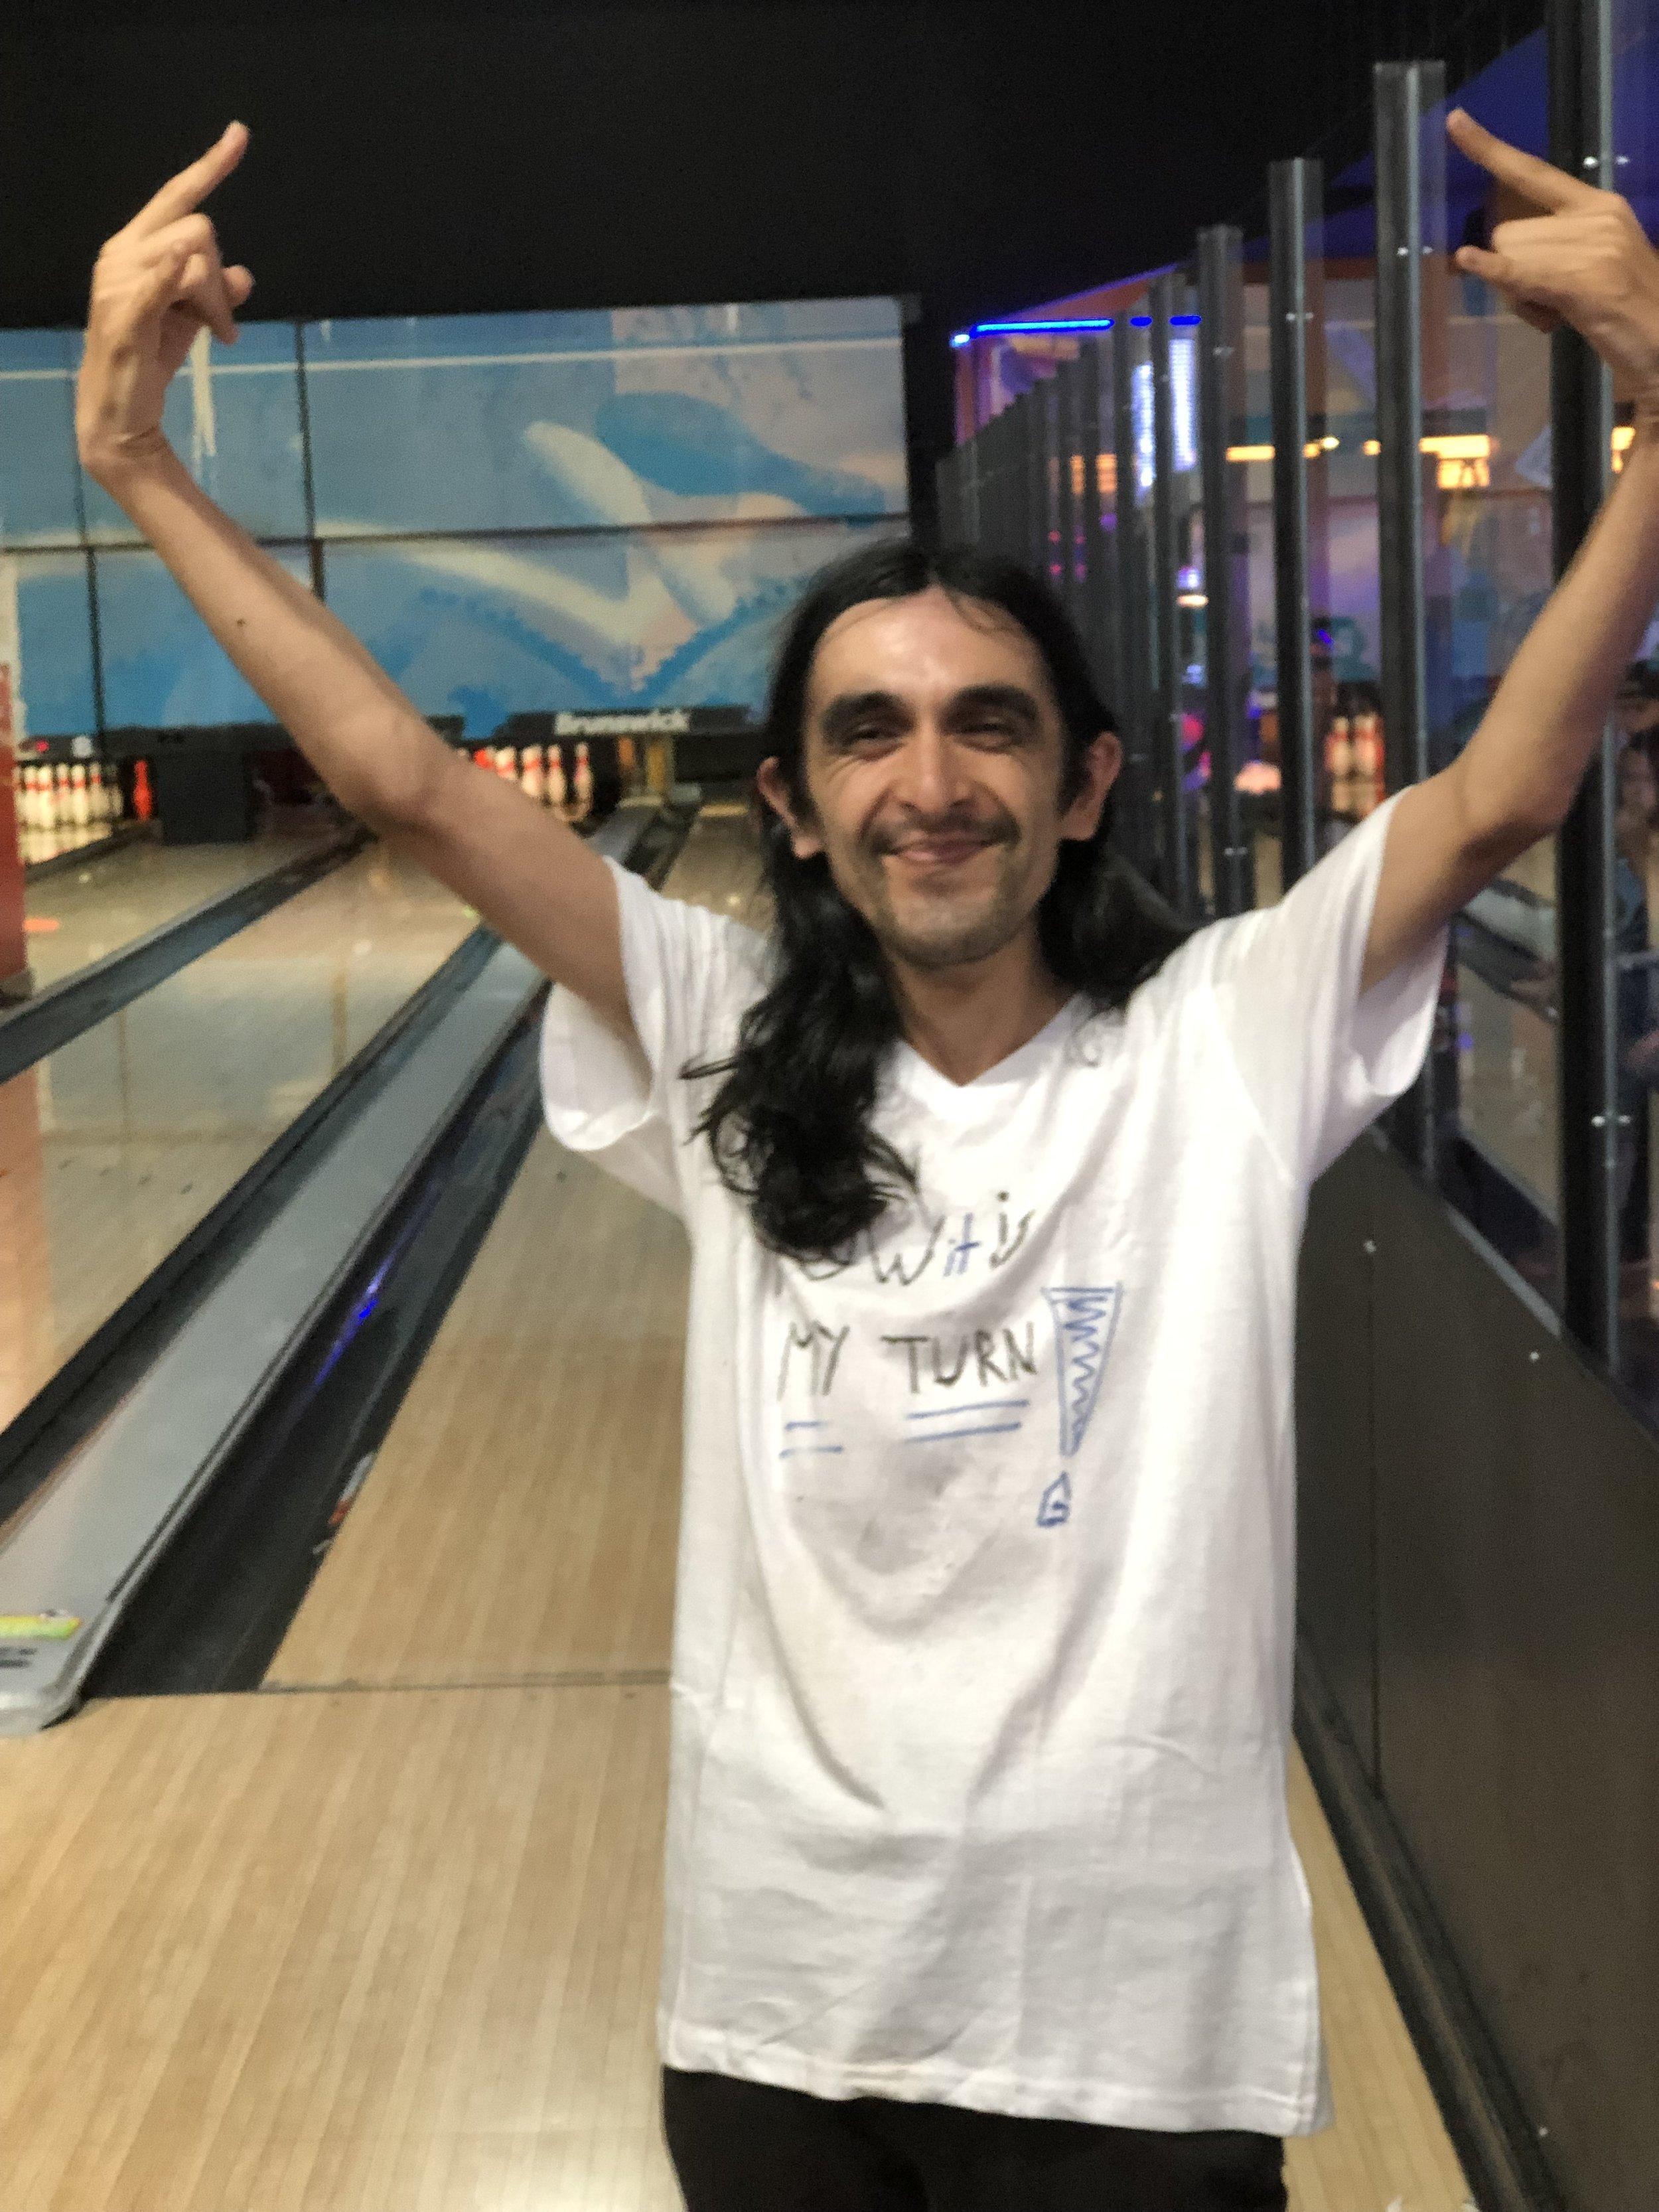 Leandro jugó bowling por la primera vez y era la primera persona que conseguió un strike!